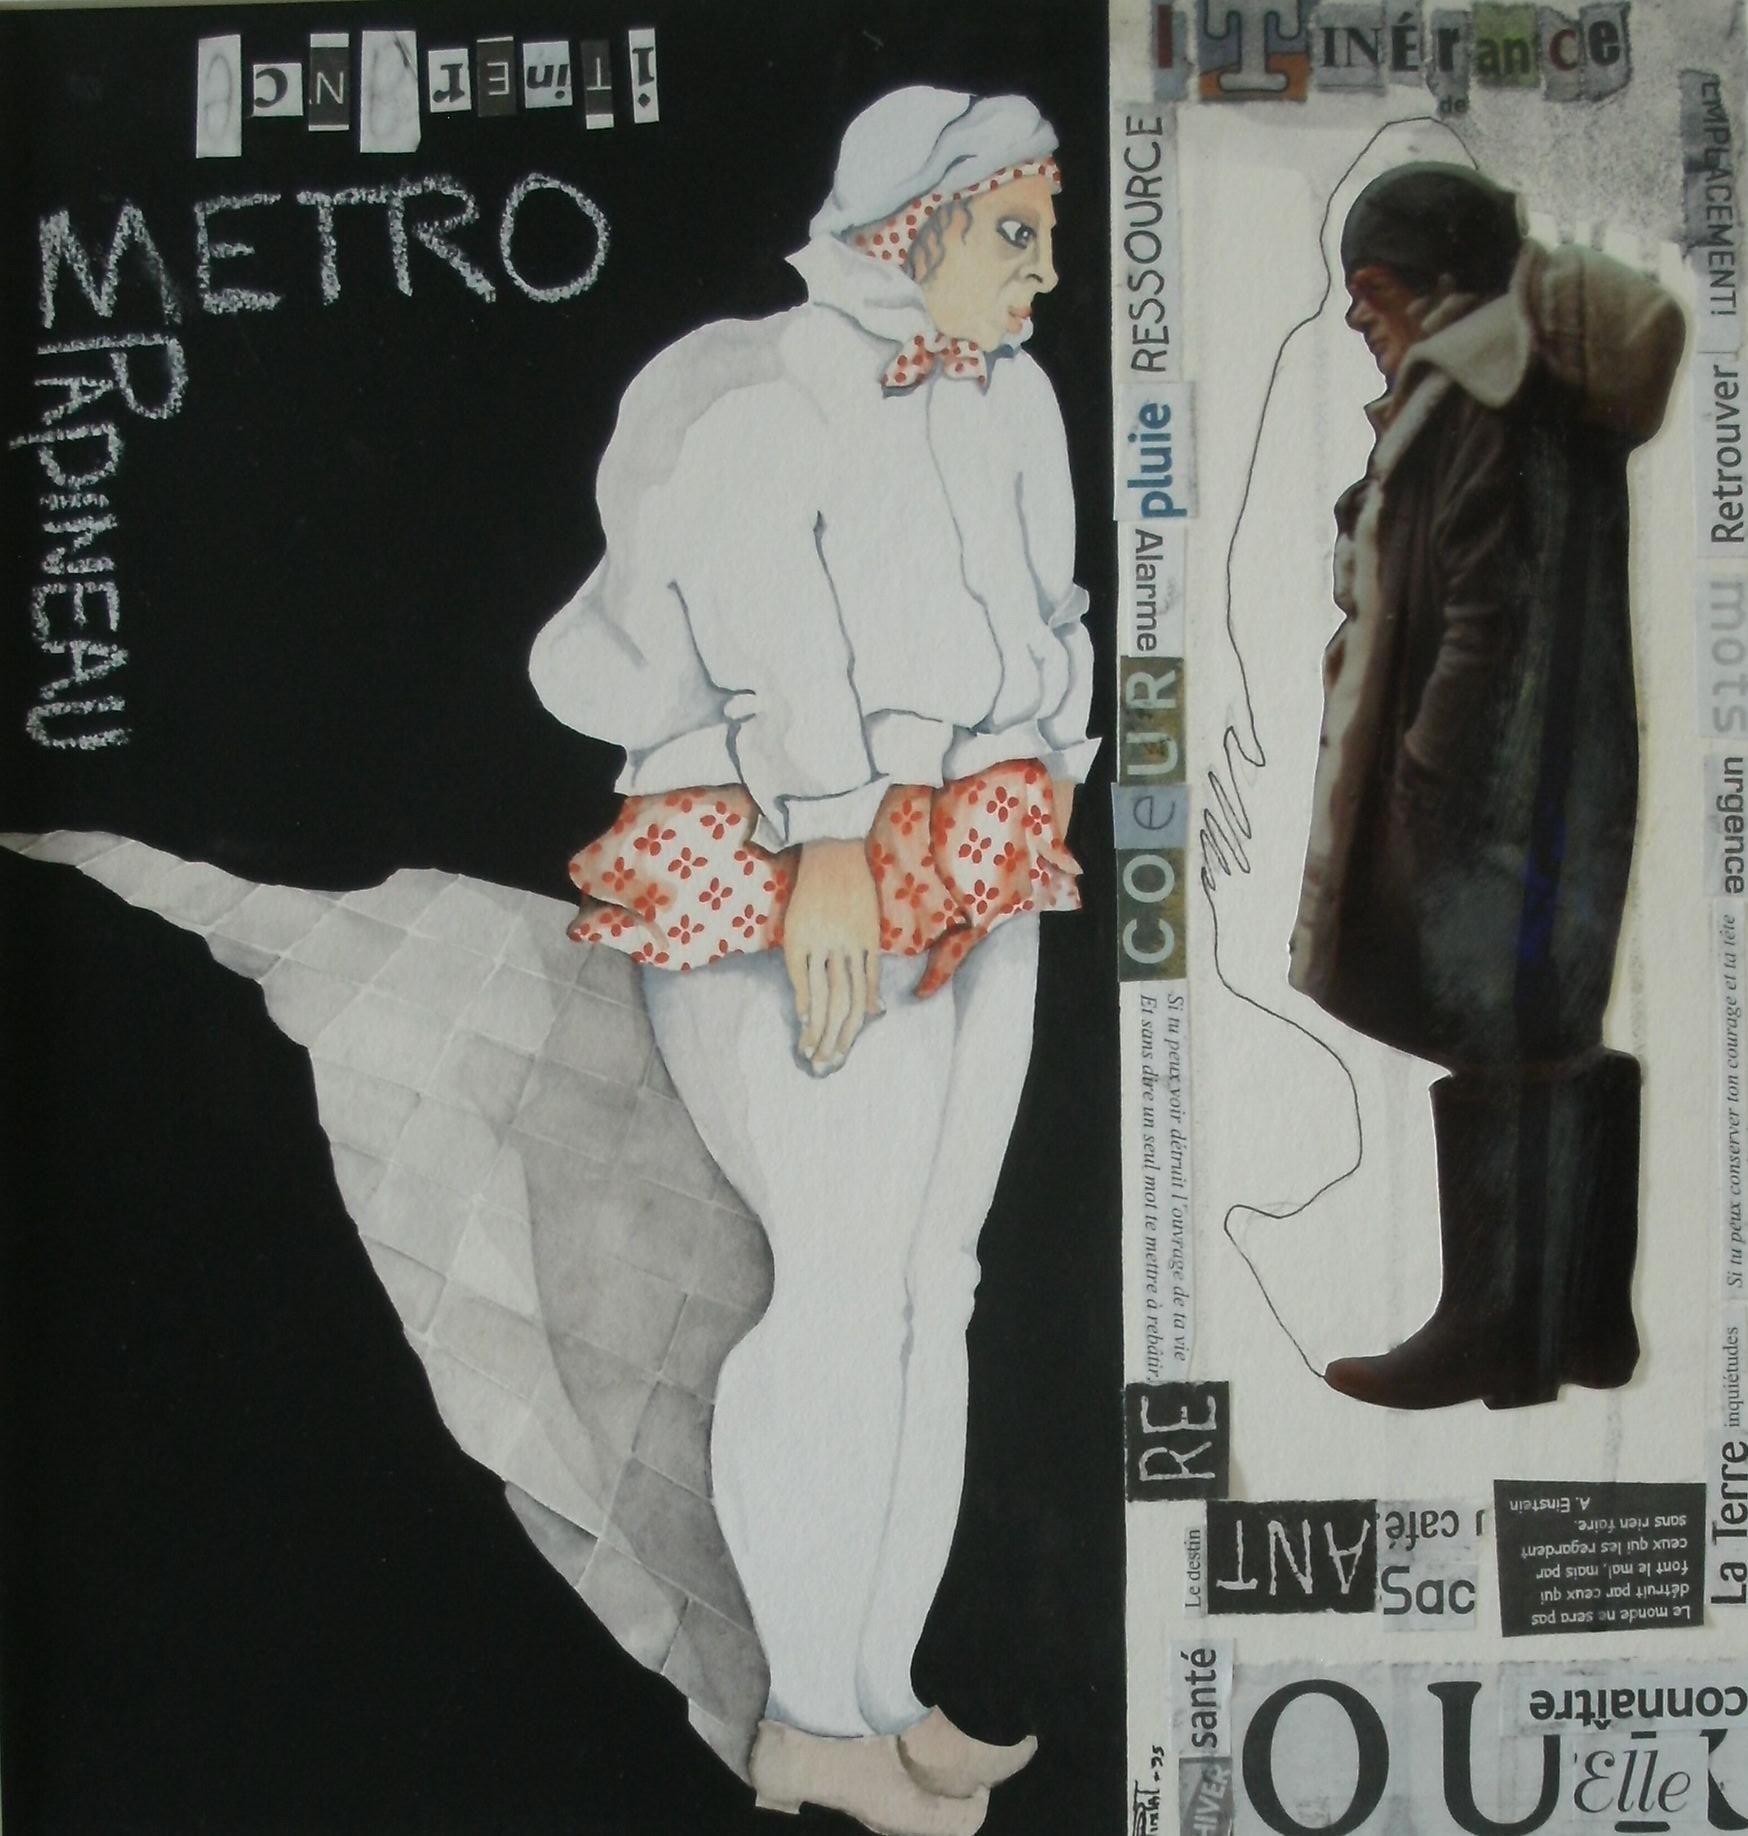 L'itinérante du métro Papineau, technique mixte sur papier